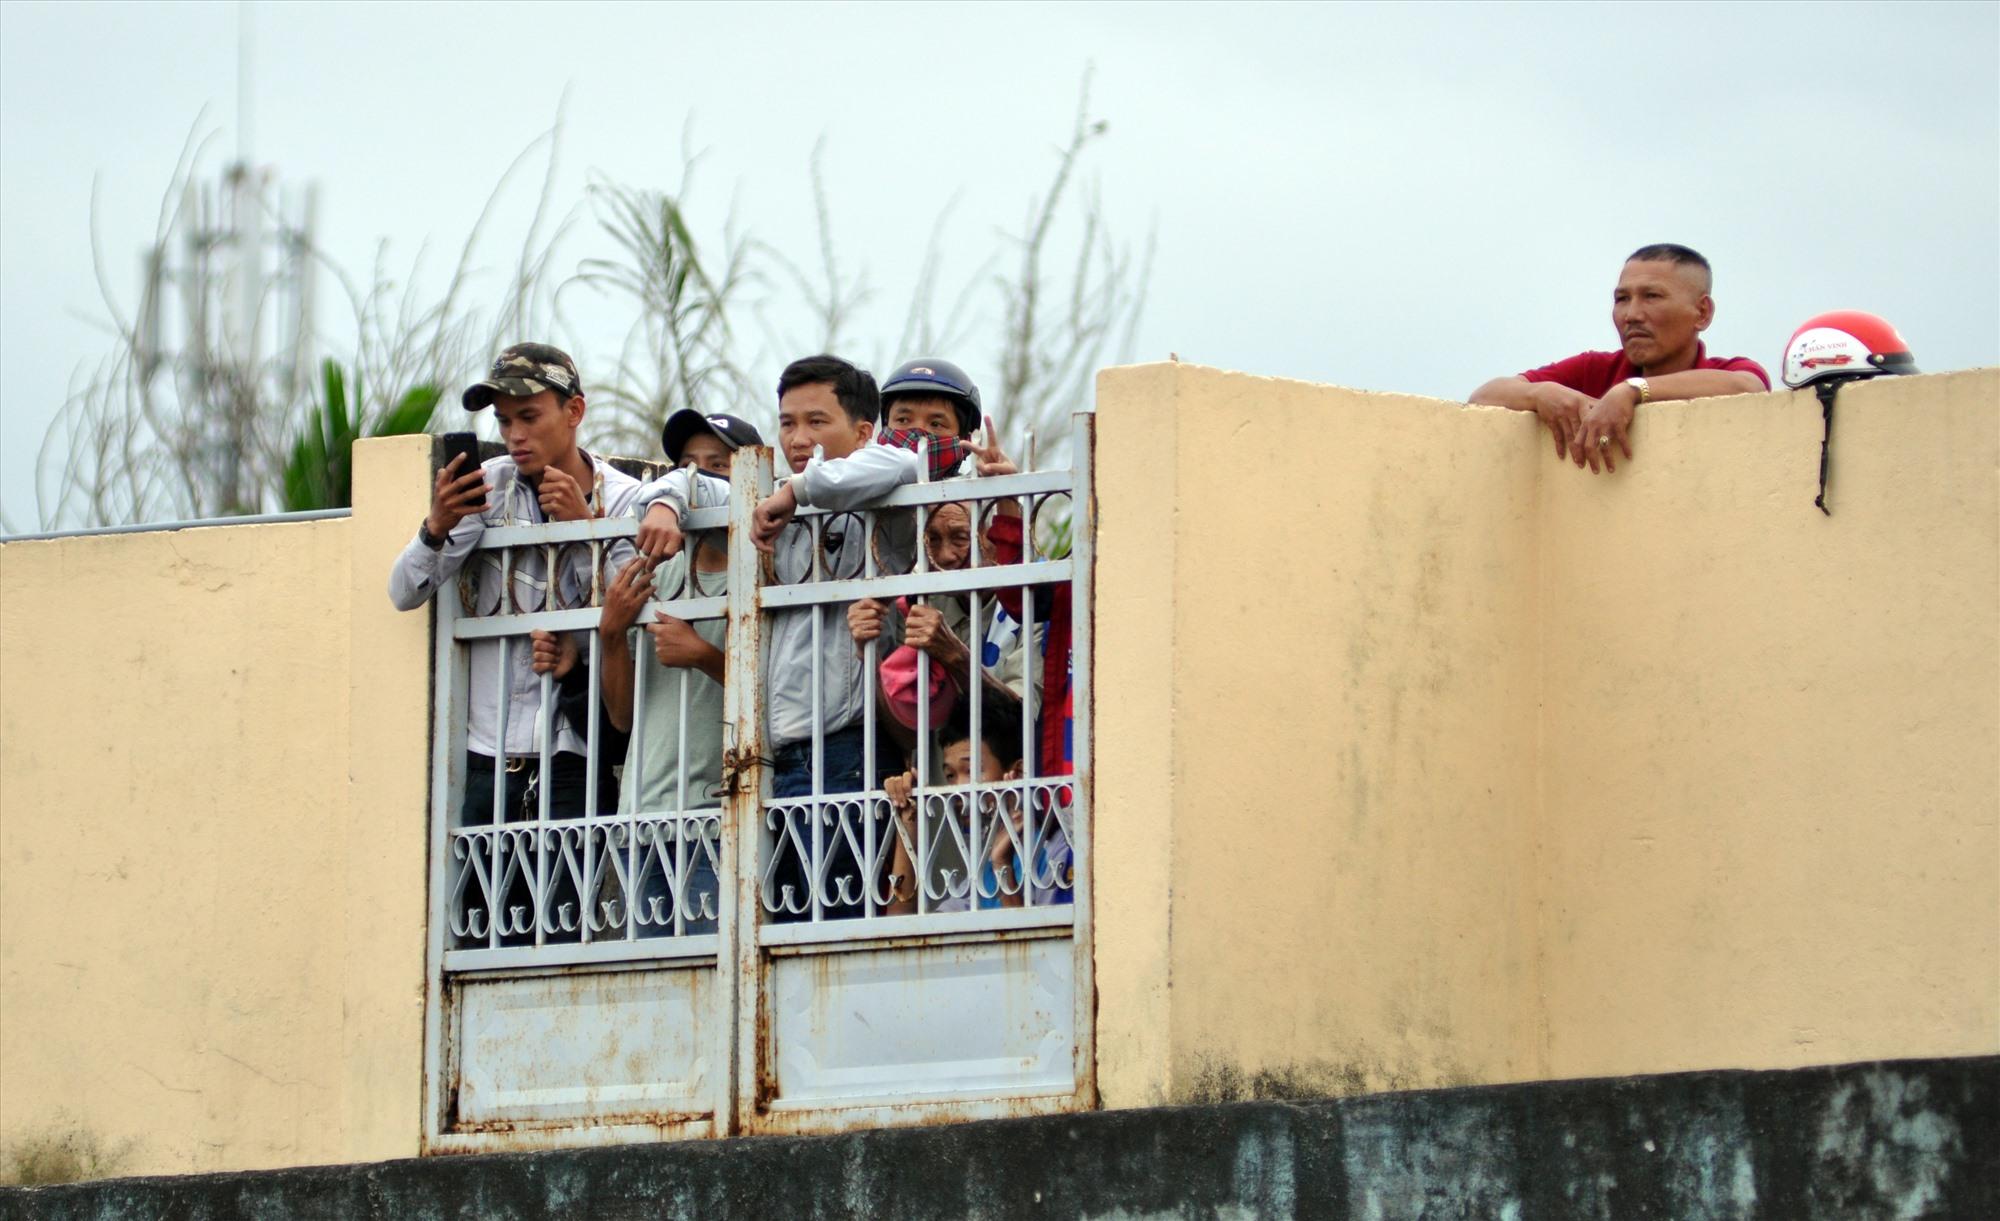 Người hâm mộ xứ Quảng xem trận Quảng Nam gặp TP.Hồ Chí Minh qua cánh cửa sắt sân Tam Kỳ. Ảnh: A.N